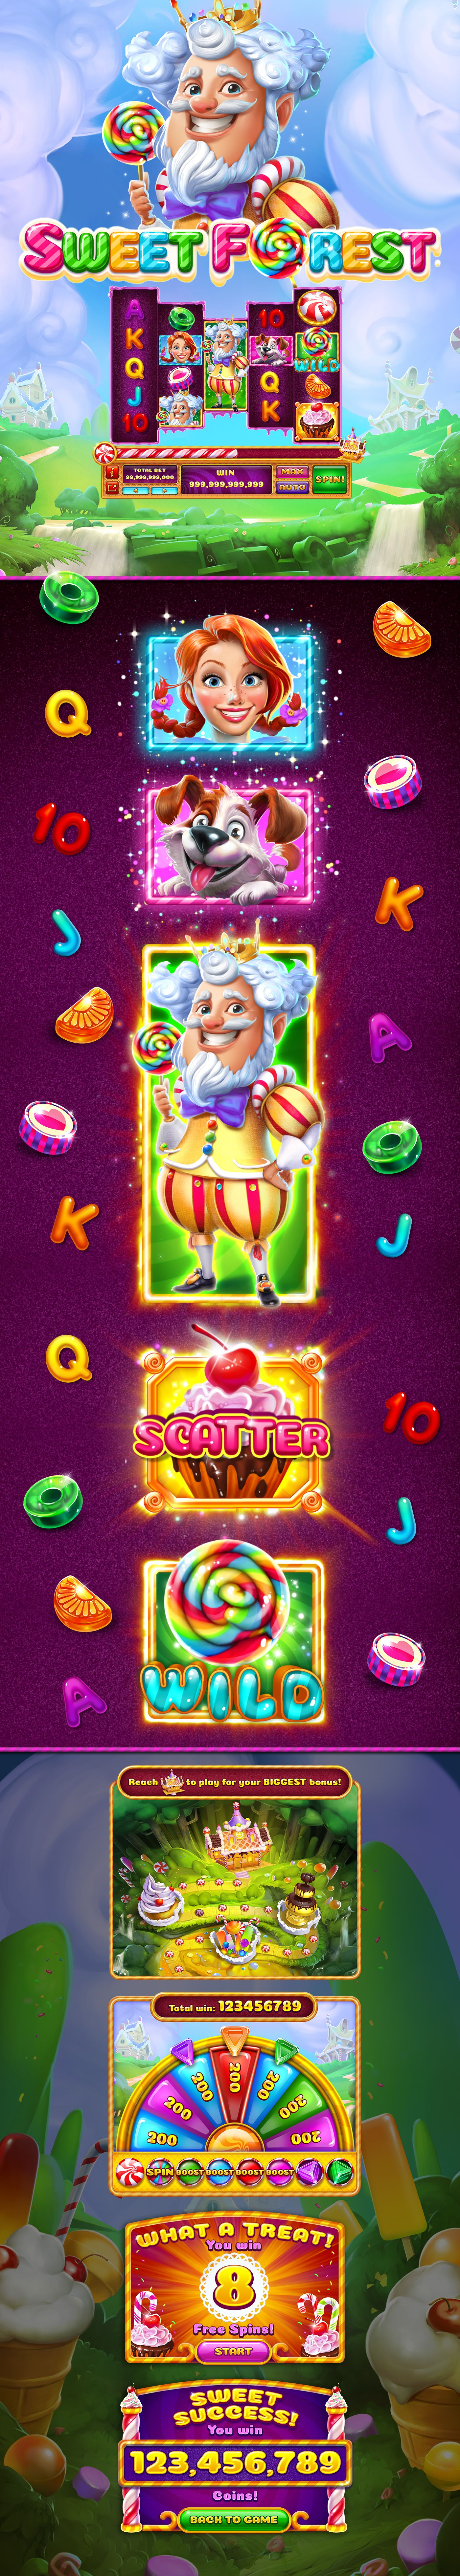 Https Www Behance Net Gallery 60009617 Sweet Forest Slot Caesars